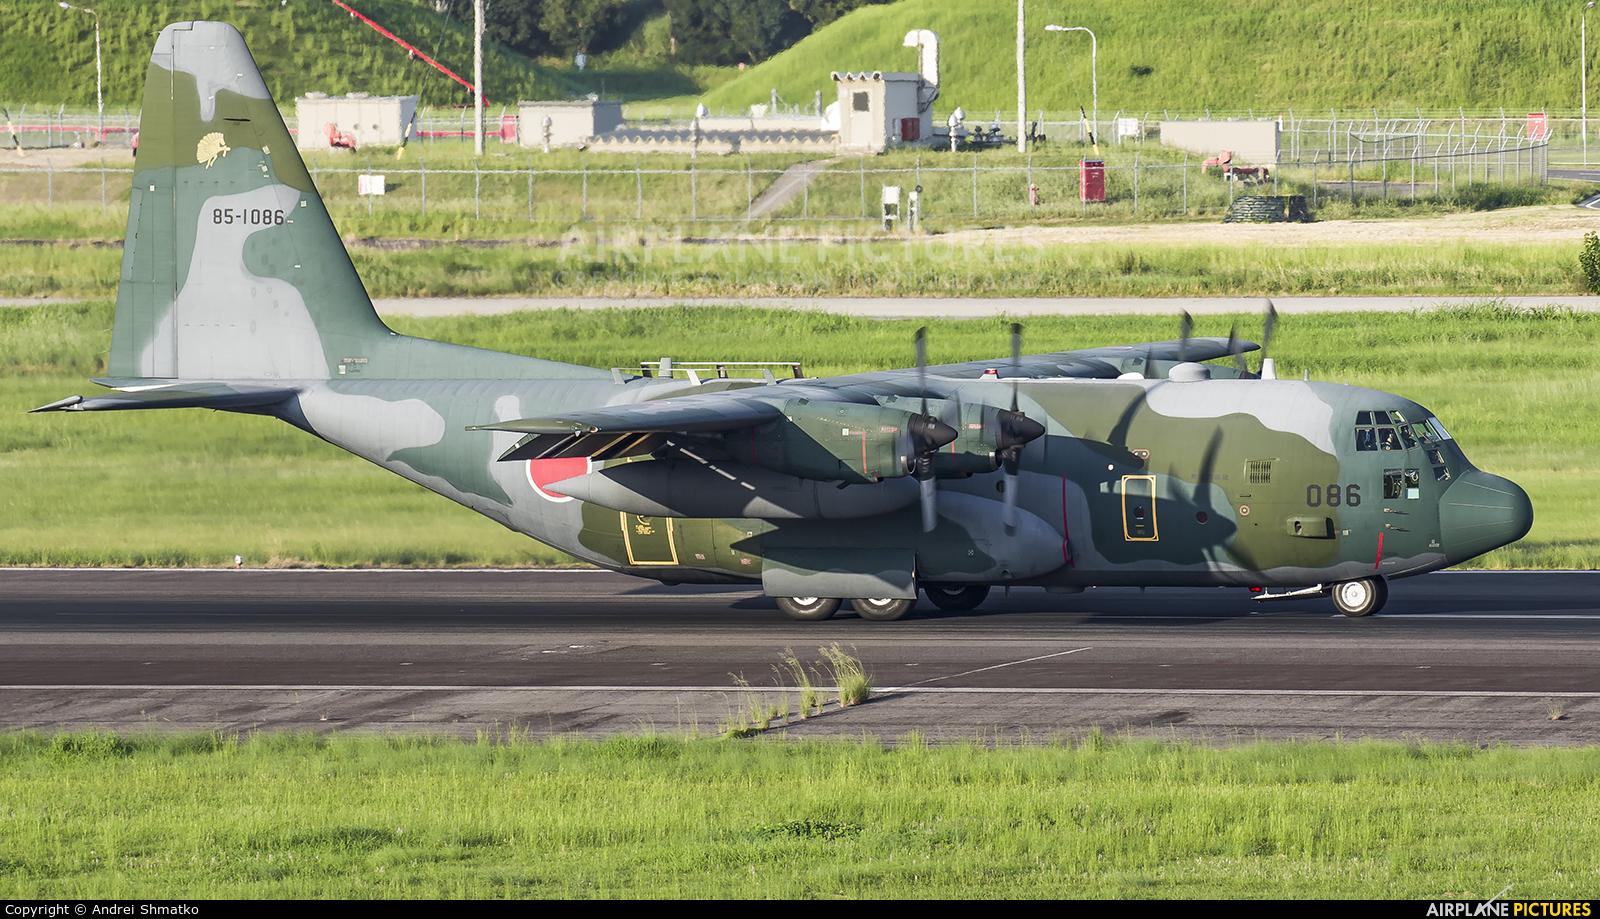 Japan - Air Self Defence Force 85-1086 aircraft at Nagoya - Komaki AB